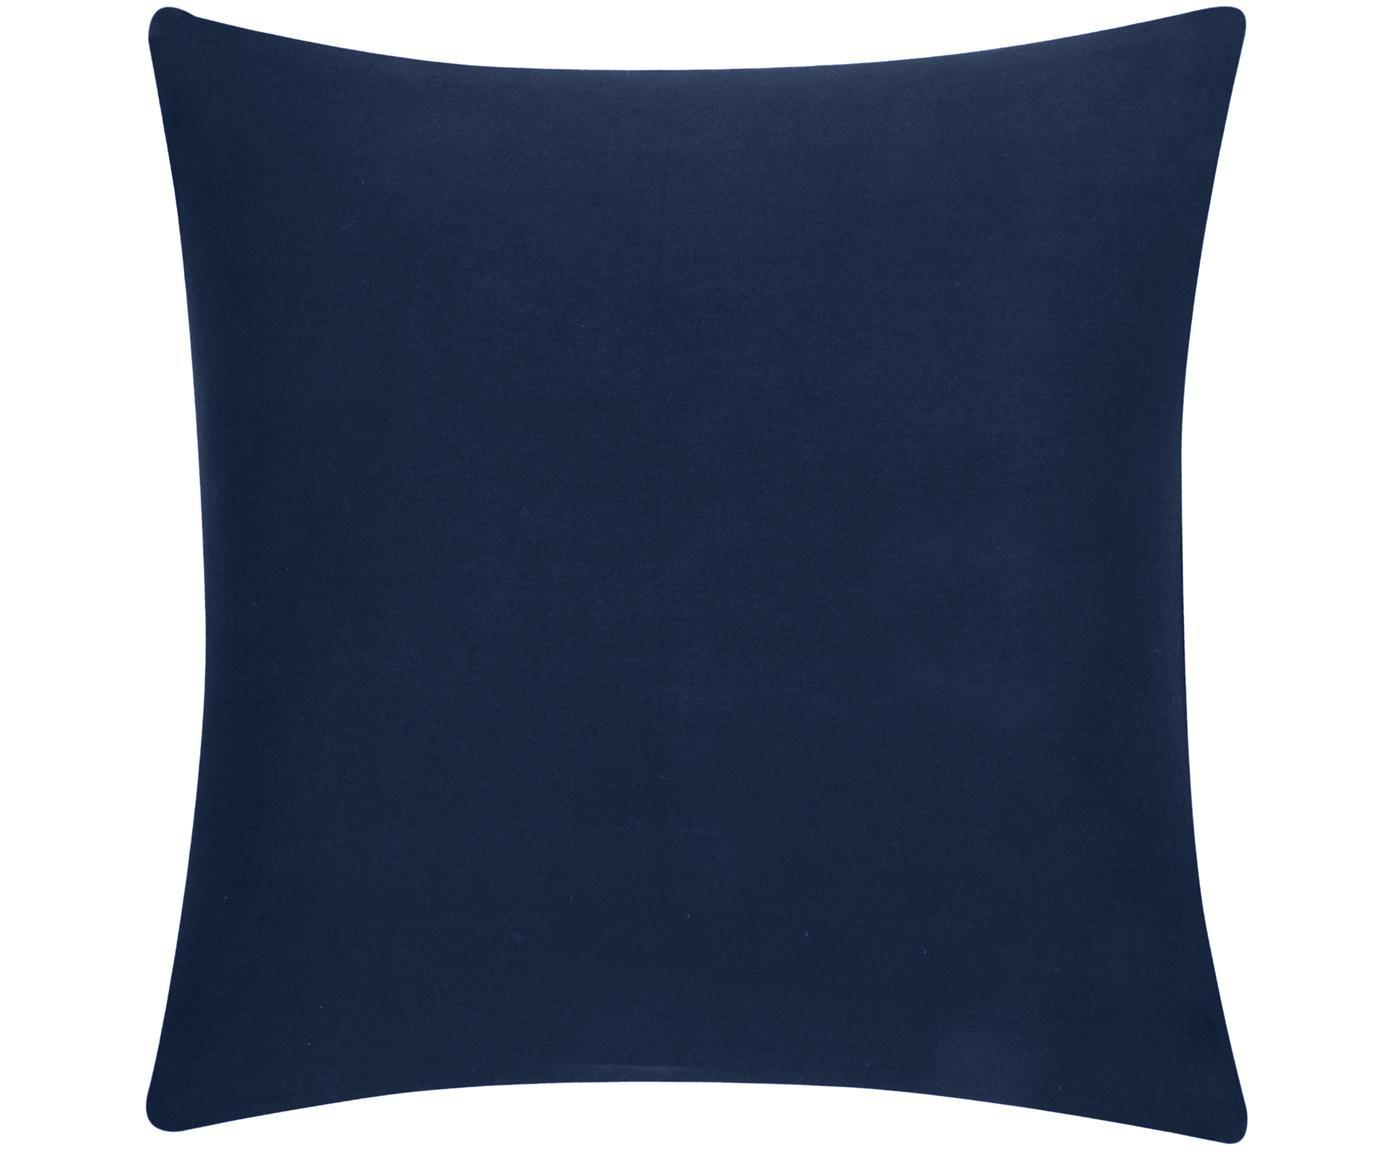 Baumwoll-Kissenhülle Mads in Navyblau, 100% Baumwolle, Navyblau, 50 x 50 cm